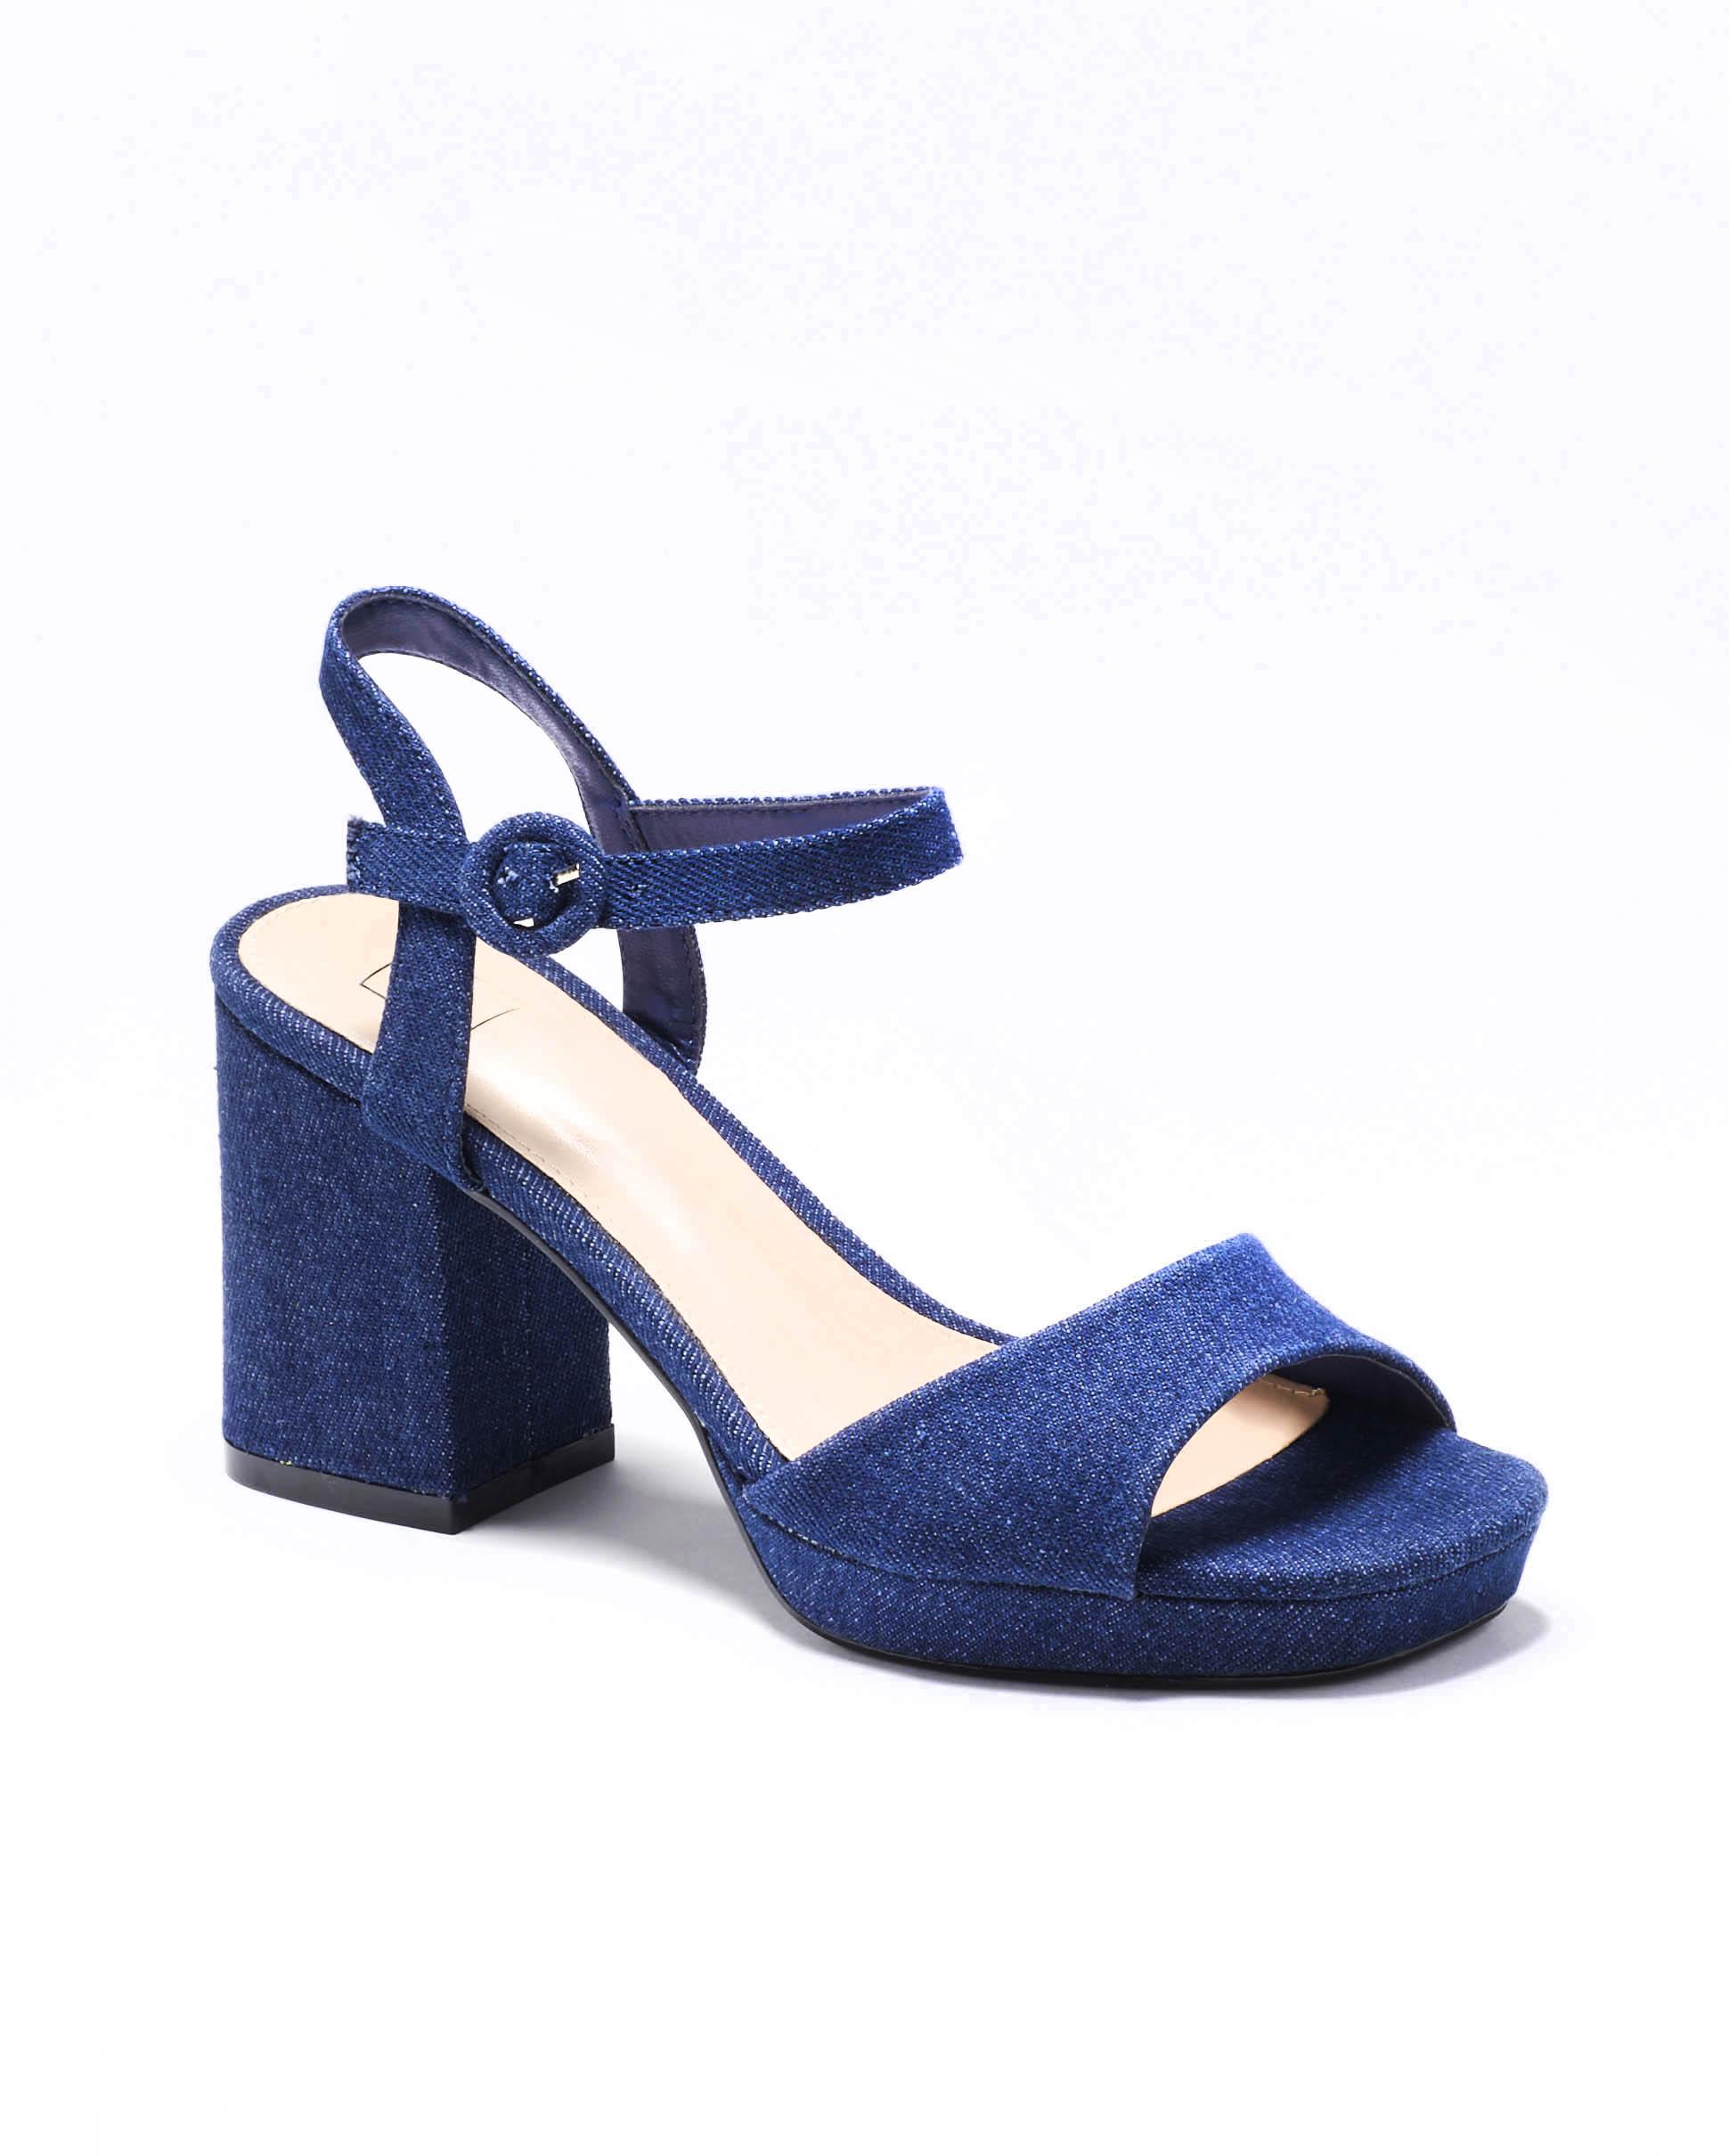 Sandales À Talons Femme - Sandale Talon Decrochee Denim Brut Jina - M3-889300-16